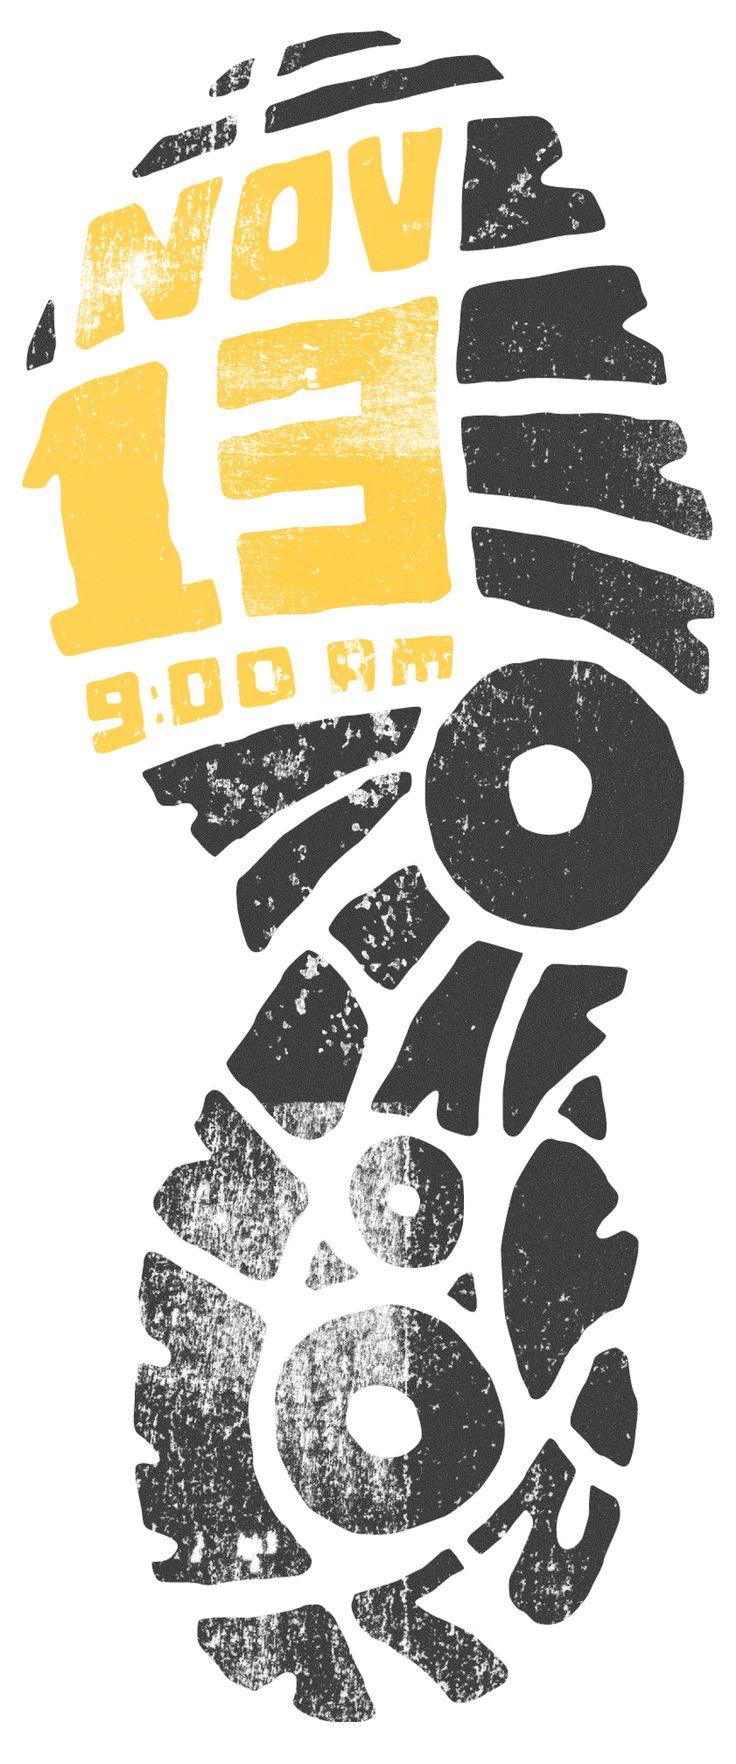 5k poster design - Matt Gfeller Memorial Doughnut Run 5k Tctc Race Calendar